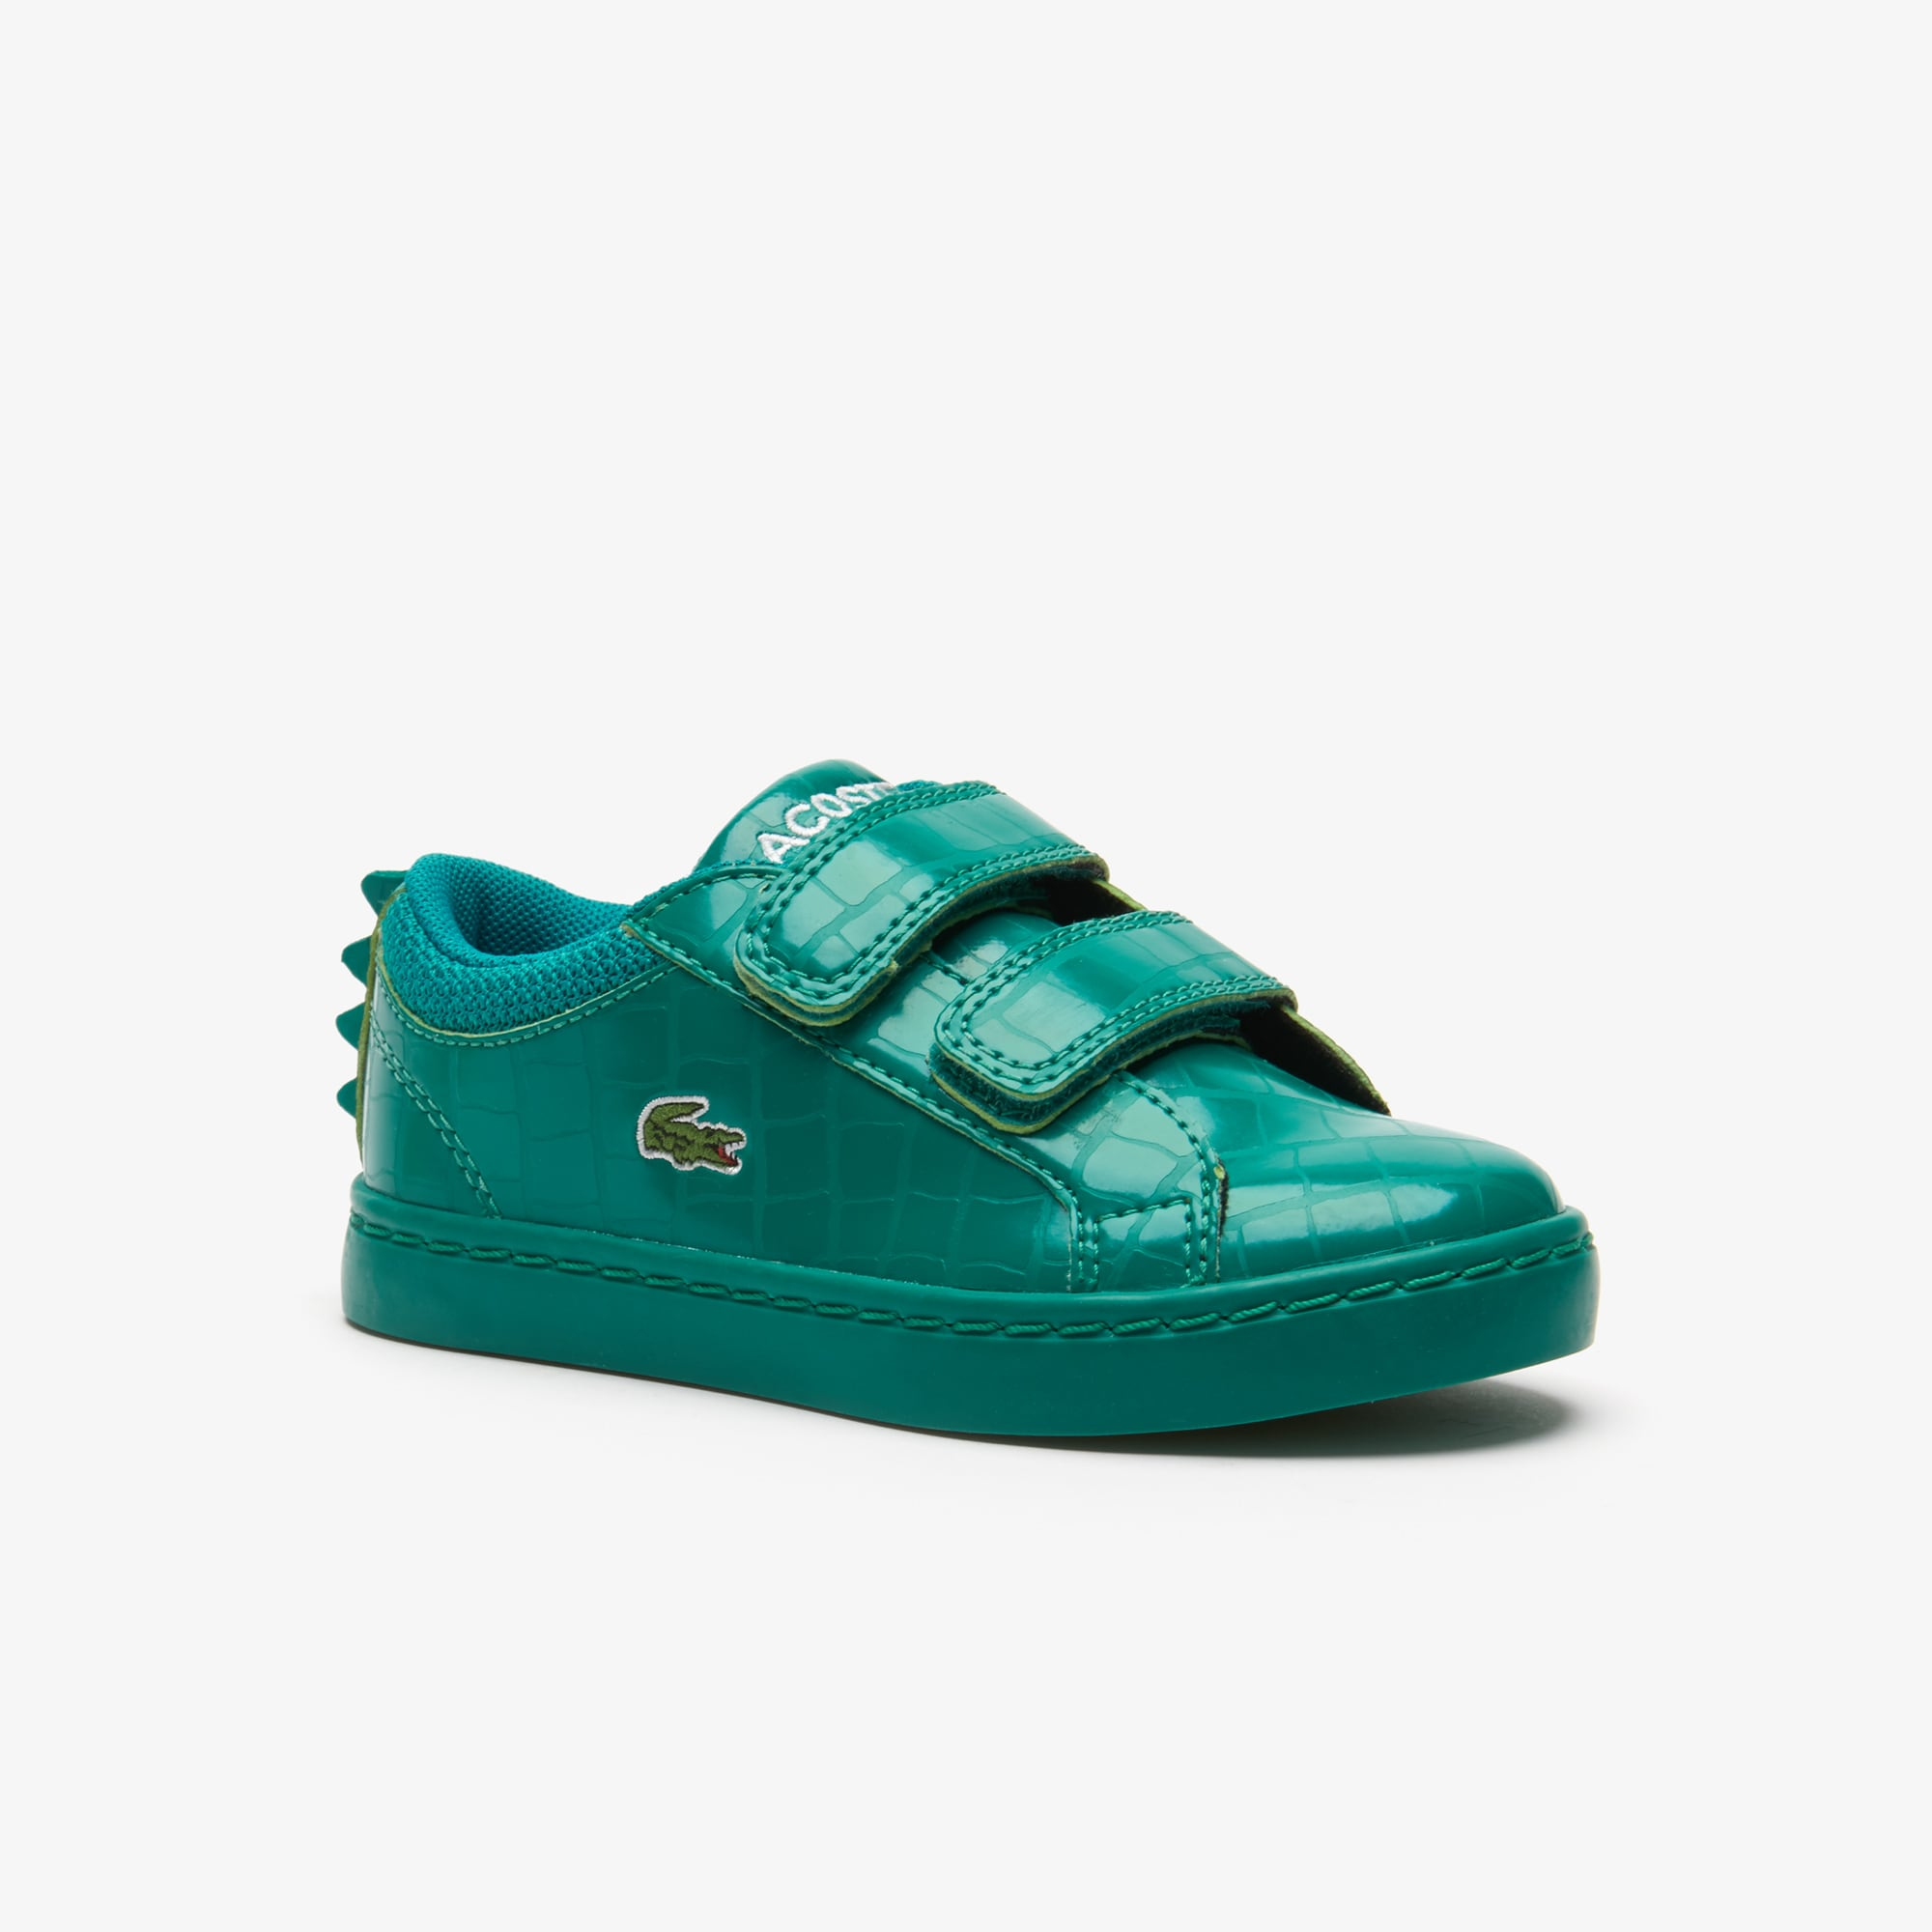 3670c0ec21 Jeunes enfants   Chaussures enfant   LACOSTE